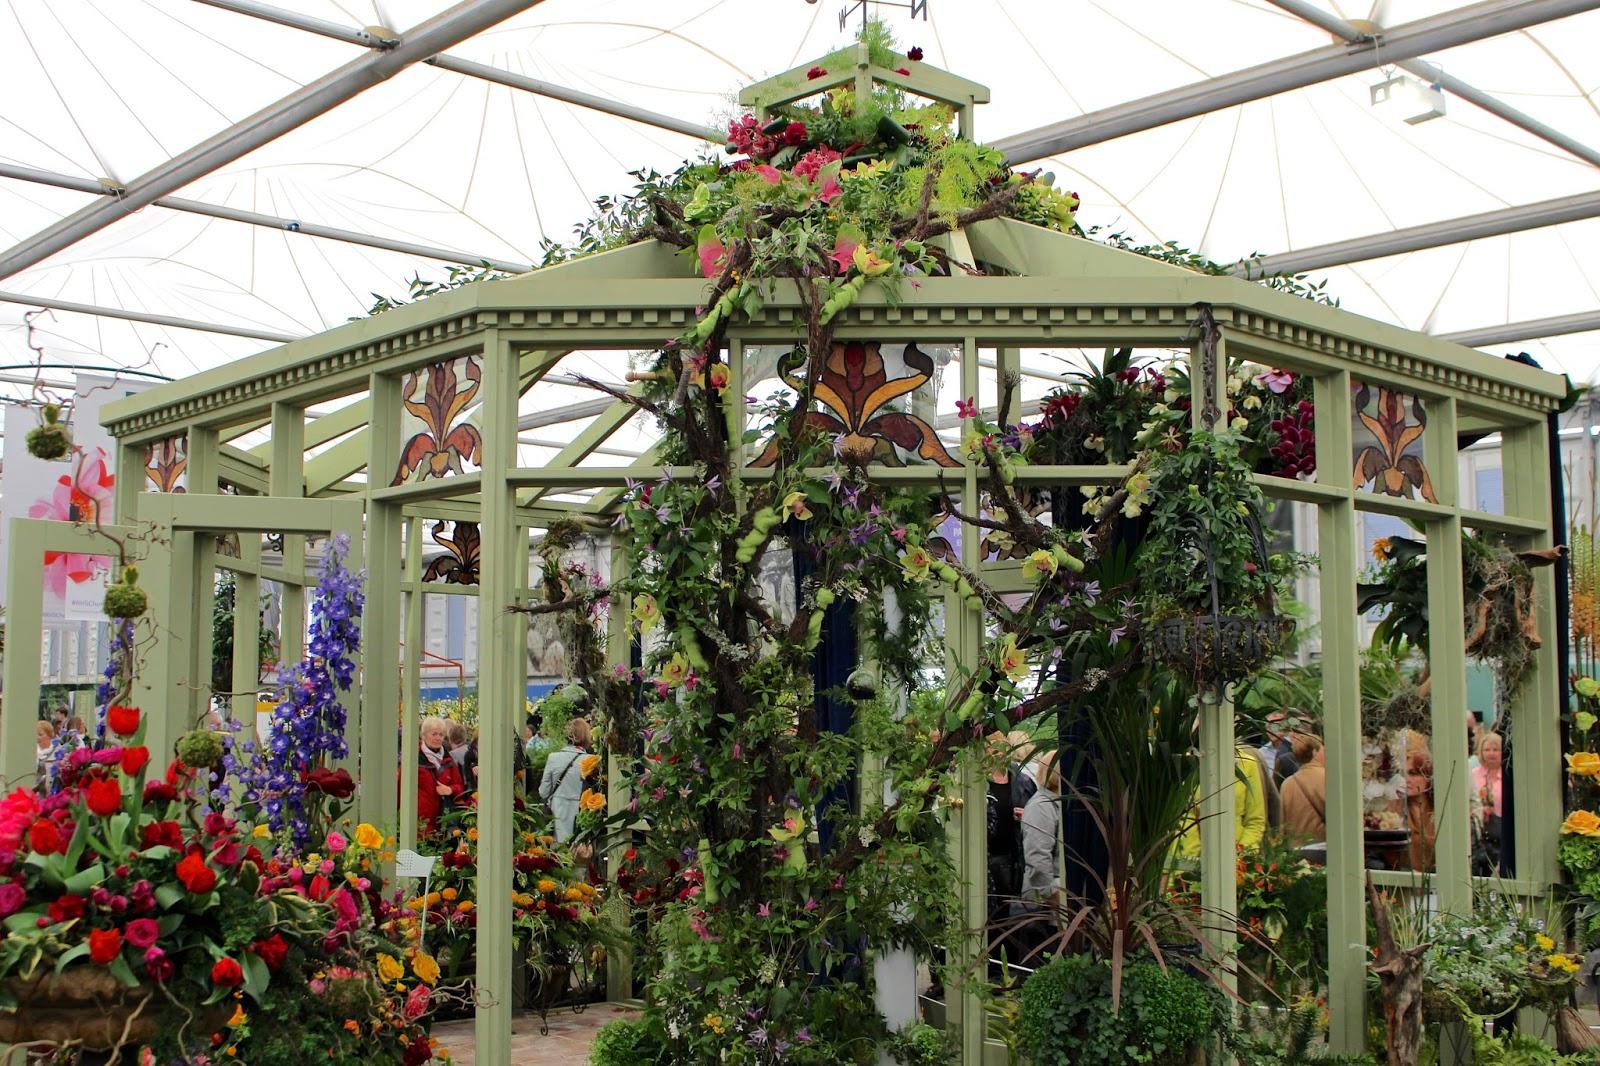 RHS Chelsea Flower Show 2016 blogger